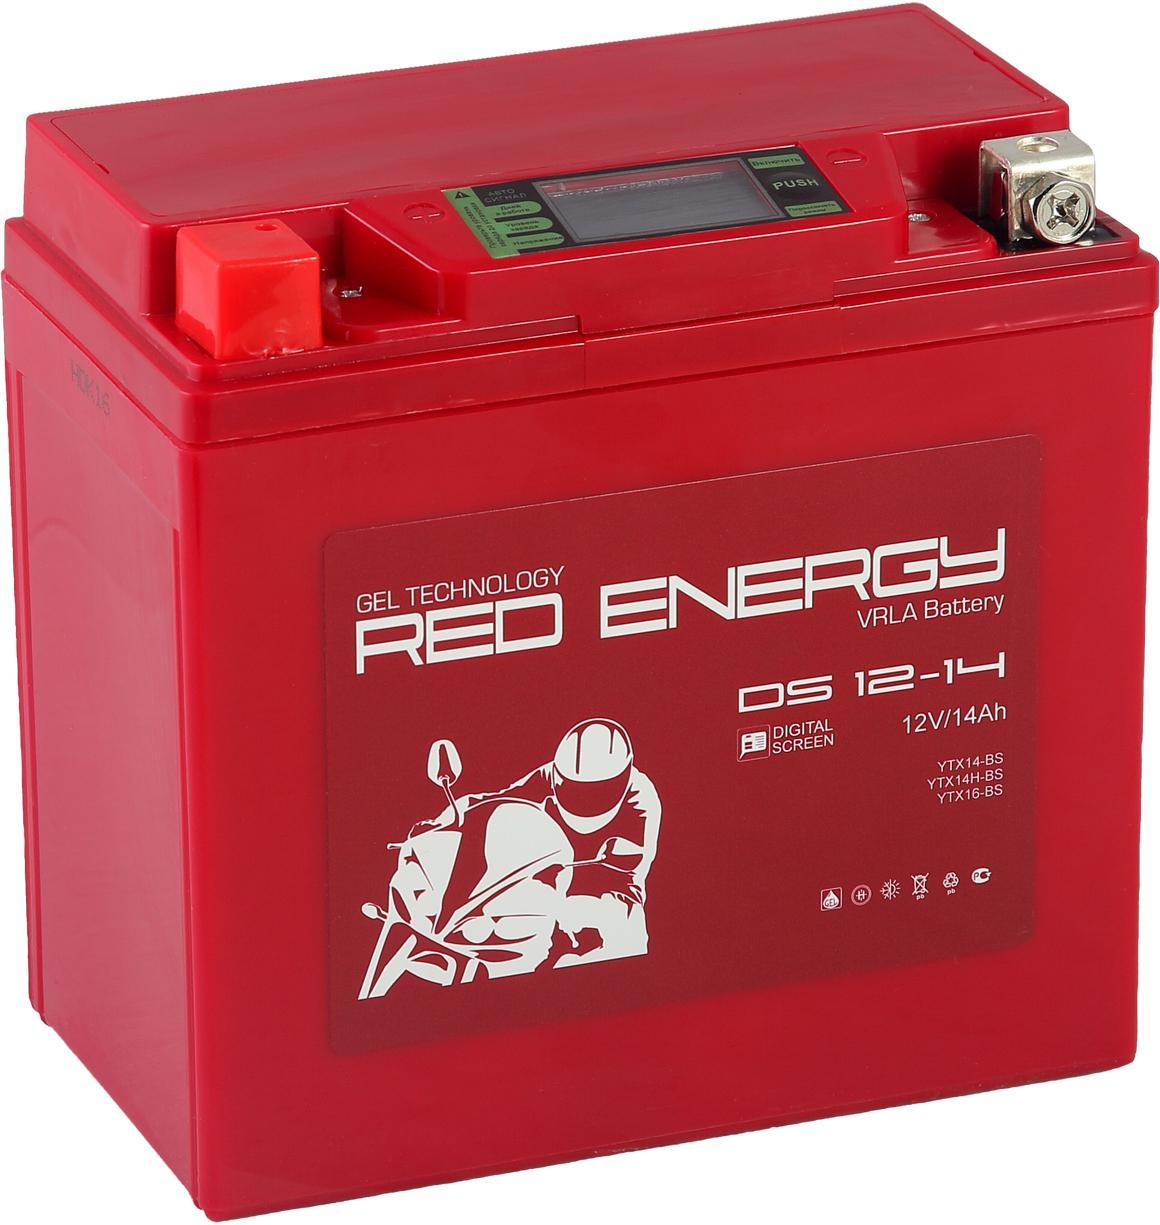 Аккумулятор Red energy Ds 1214 аккумулятор для мототехники moratti harley nano gel ghd14h bs 14 ач пр